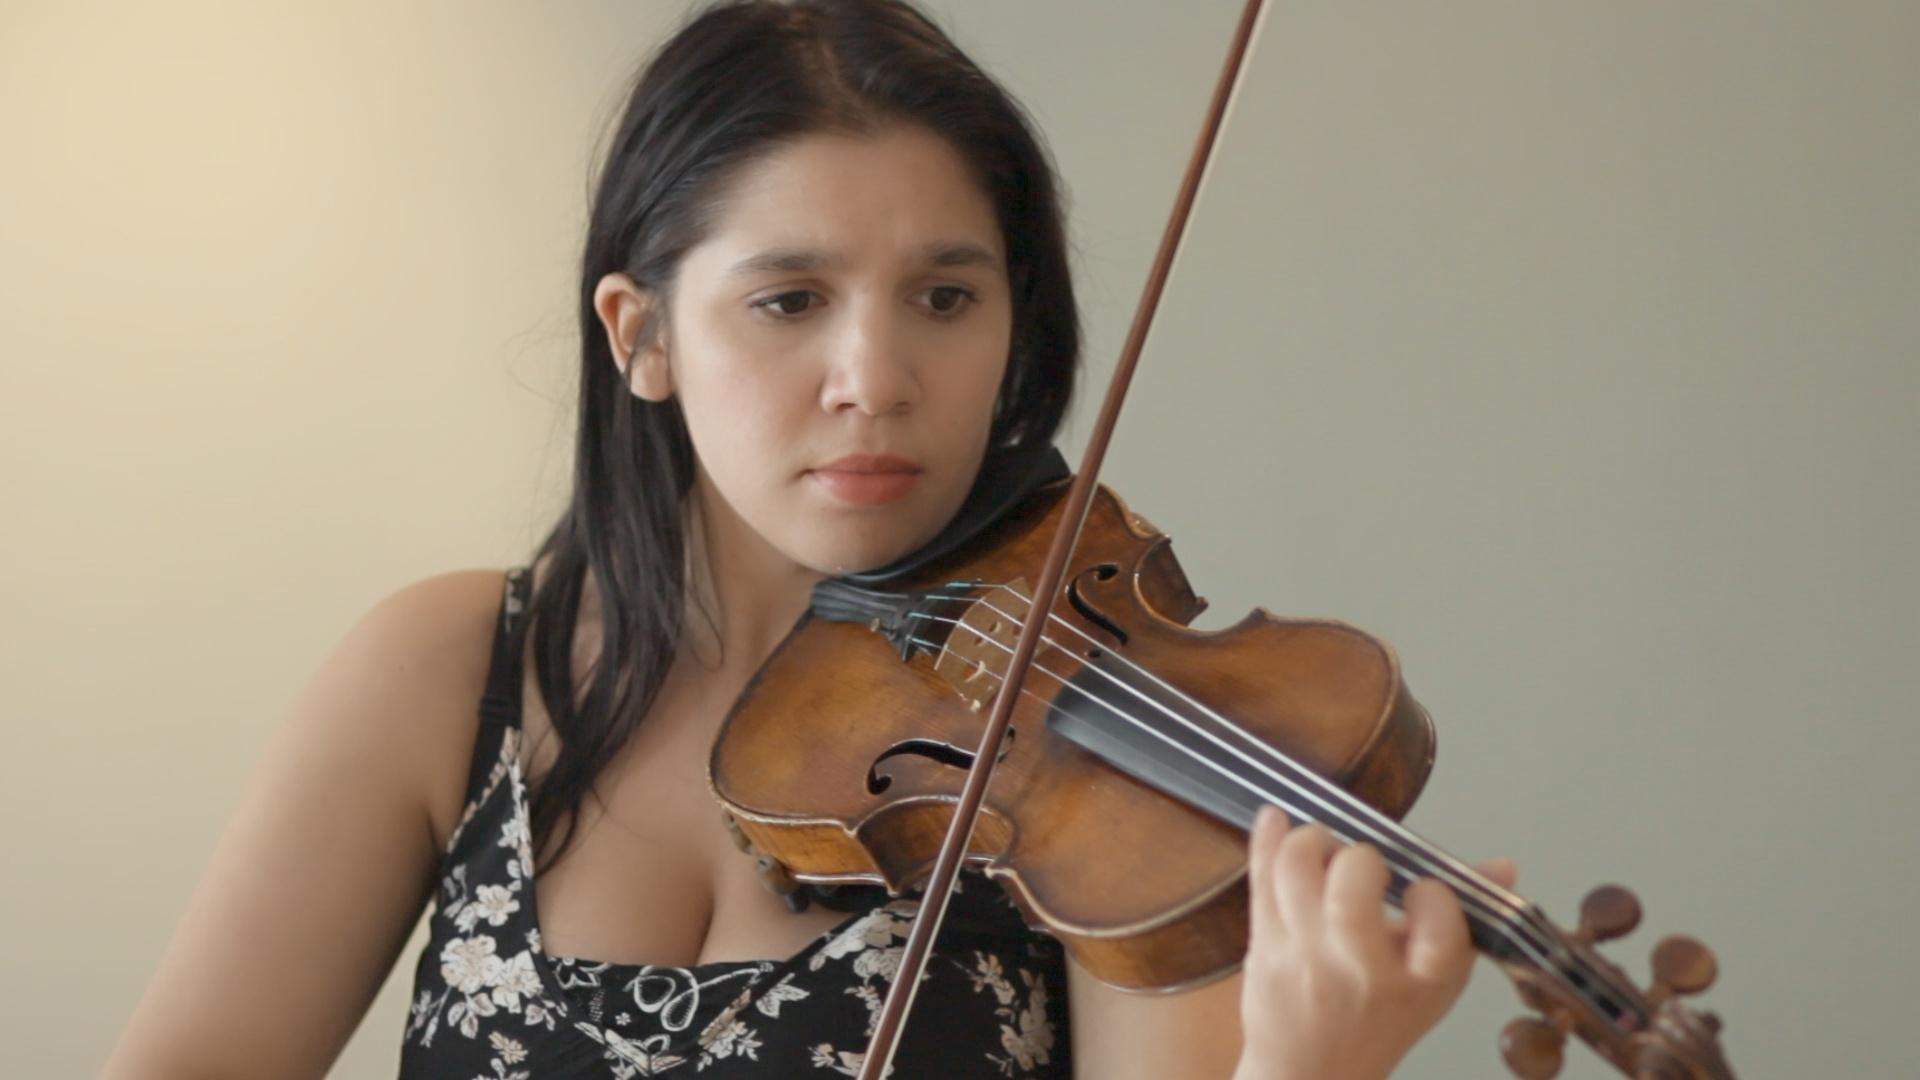 Rebecca Covaciu